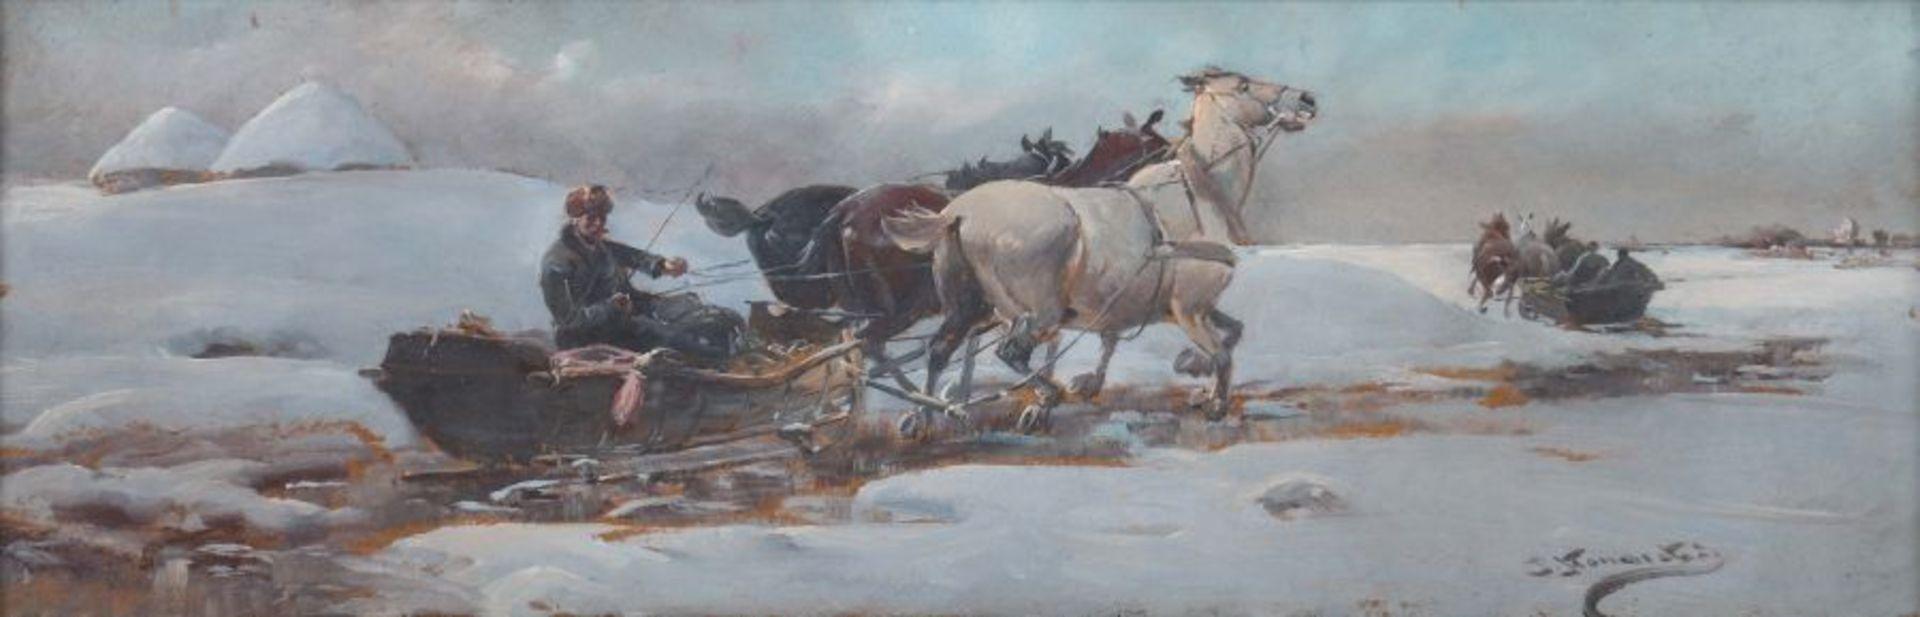 """J. Konarski (XIX / XX wiek) """"Sanna"""", źródło: Siebers Auktionen"""